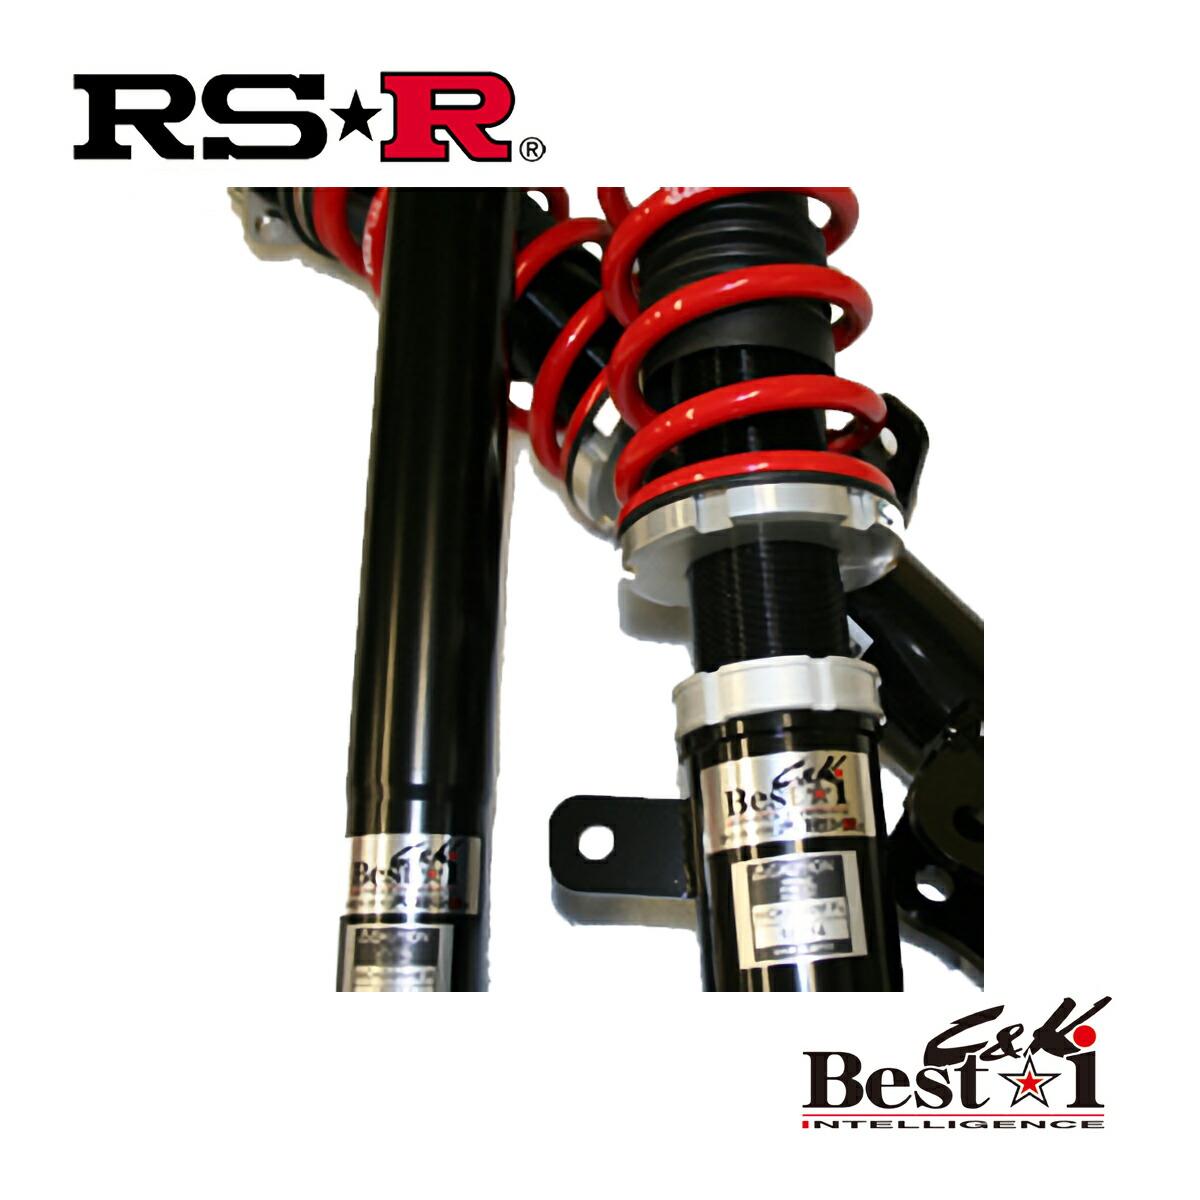 RS-R ワゴンRスティングレー ハイブリッドX MH55S 車高調 リア車高調整 ネジ式 BICKS174M ベストi C&K RSR 個人宅発送追金有